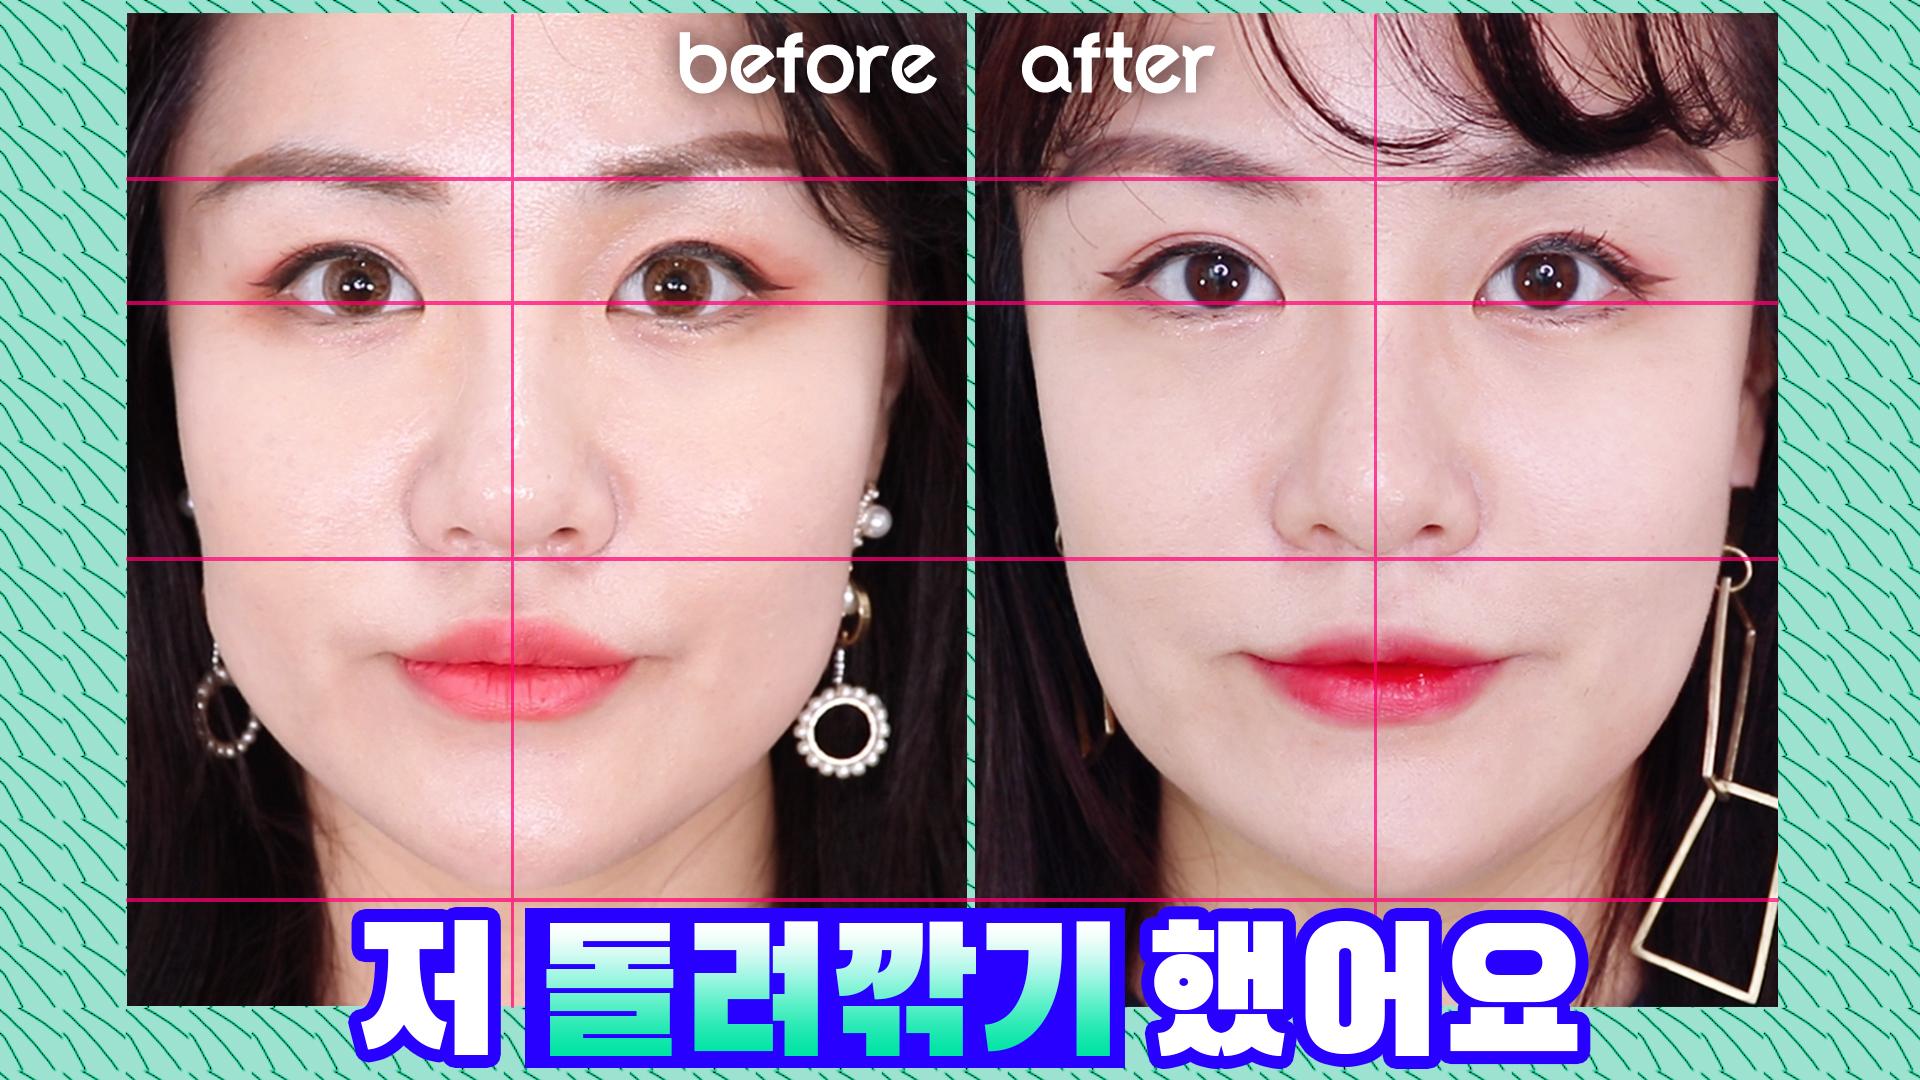 얼굴 돌려깎기 수준의 캣주사 후기, 얼굴살 확빠진 이유